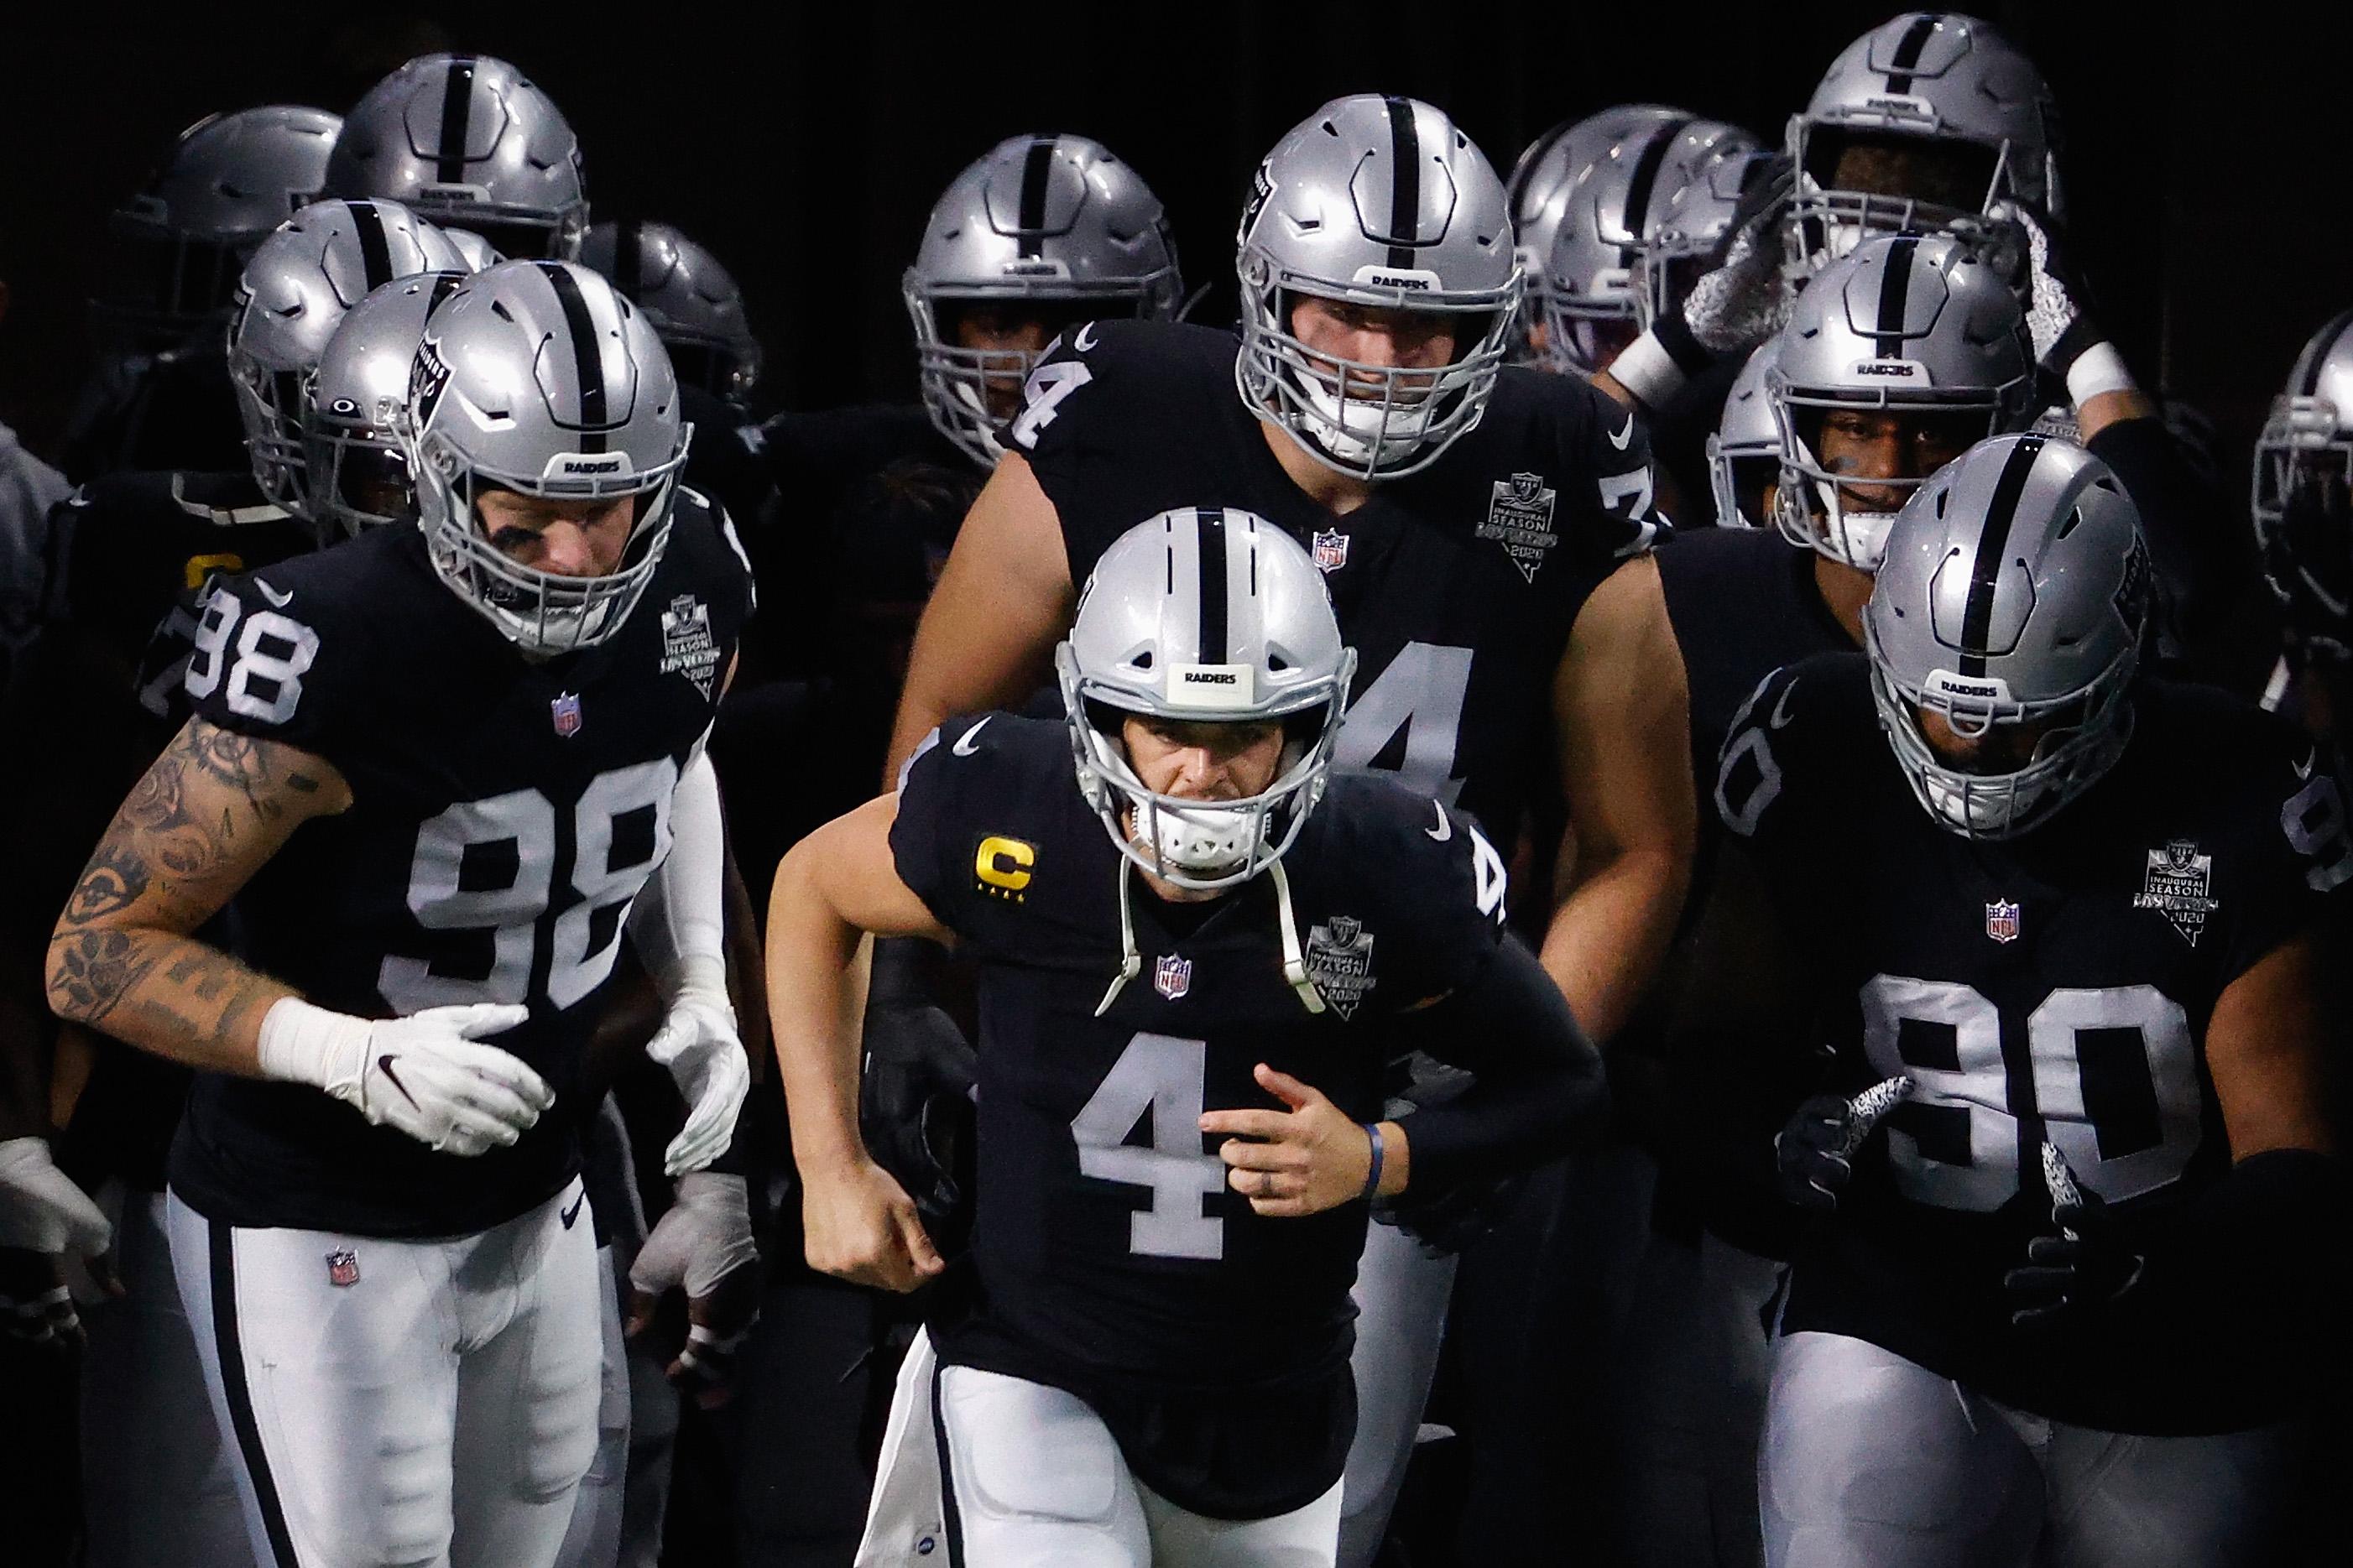 2020年12月17日,在内华达州拉斯维加斯的忠诚体育场,拉斯维加斯突击者队四分卫德里克·卡尔4号带领他的球队在NFL对阵洛杉矶电光队的比赛中上场。电鳗队在加时赛中以30比27击败突击者队。